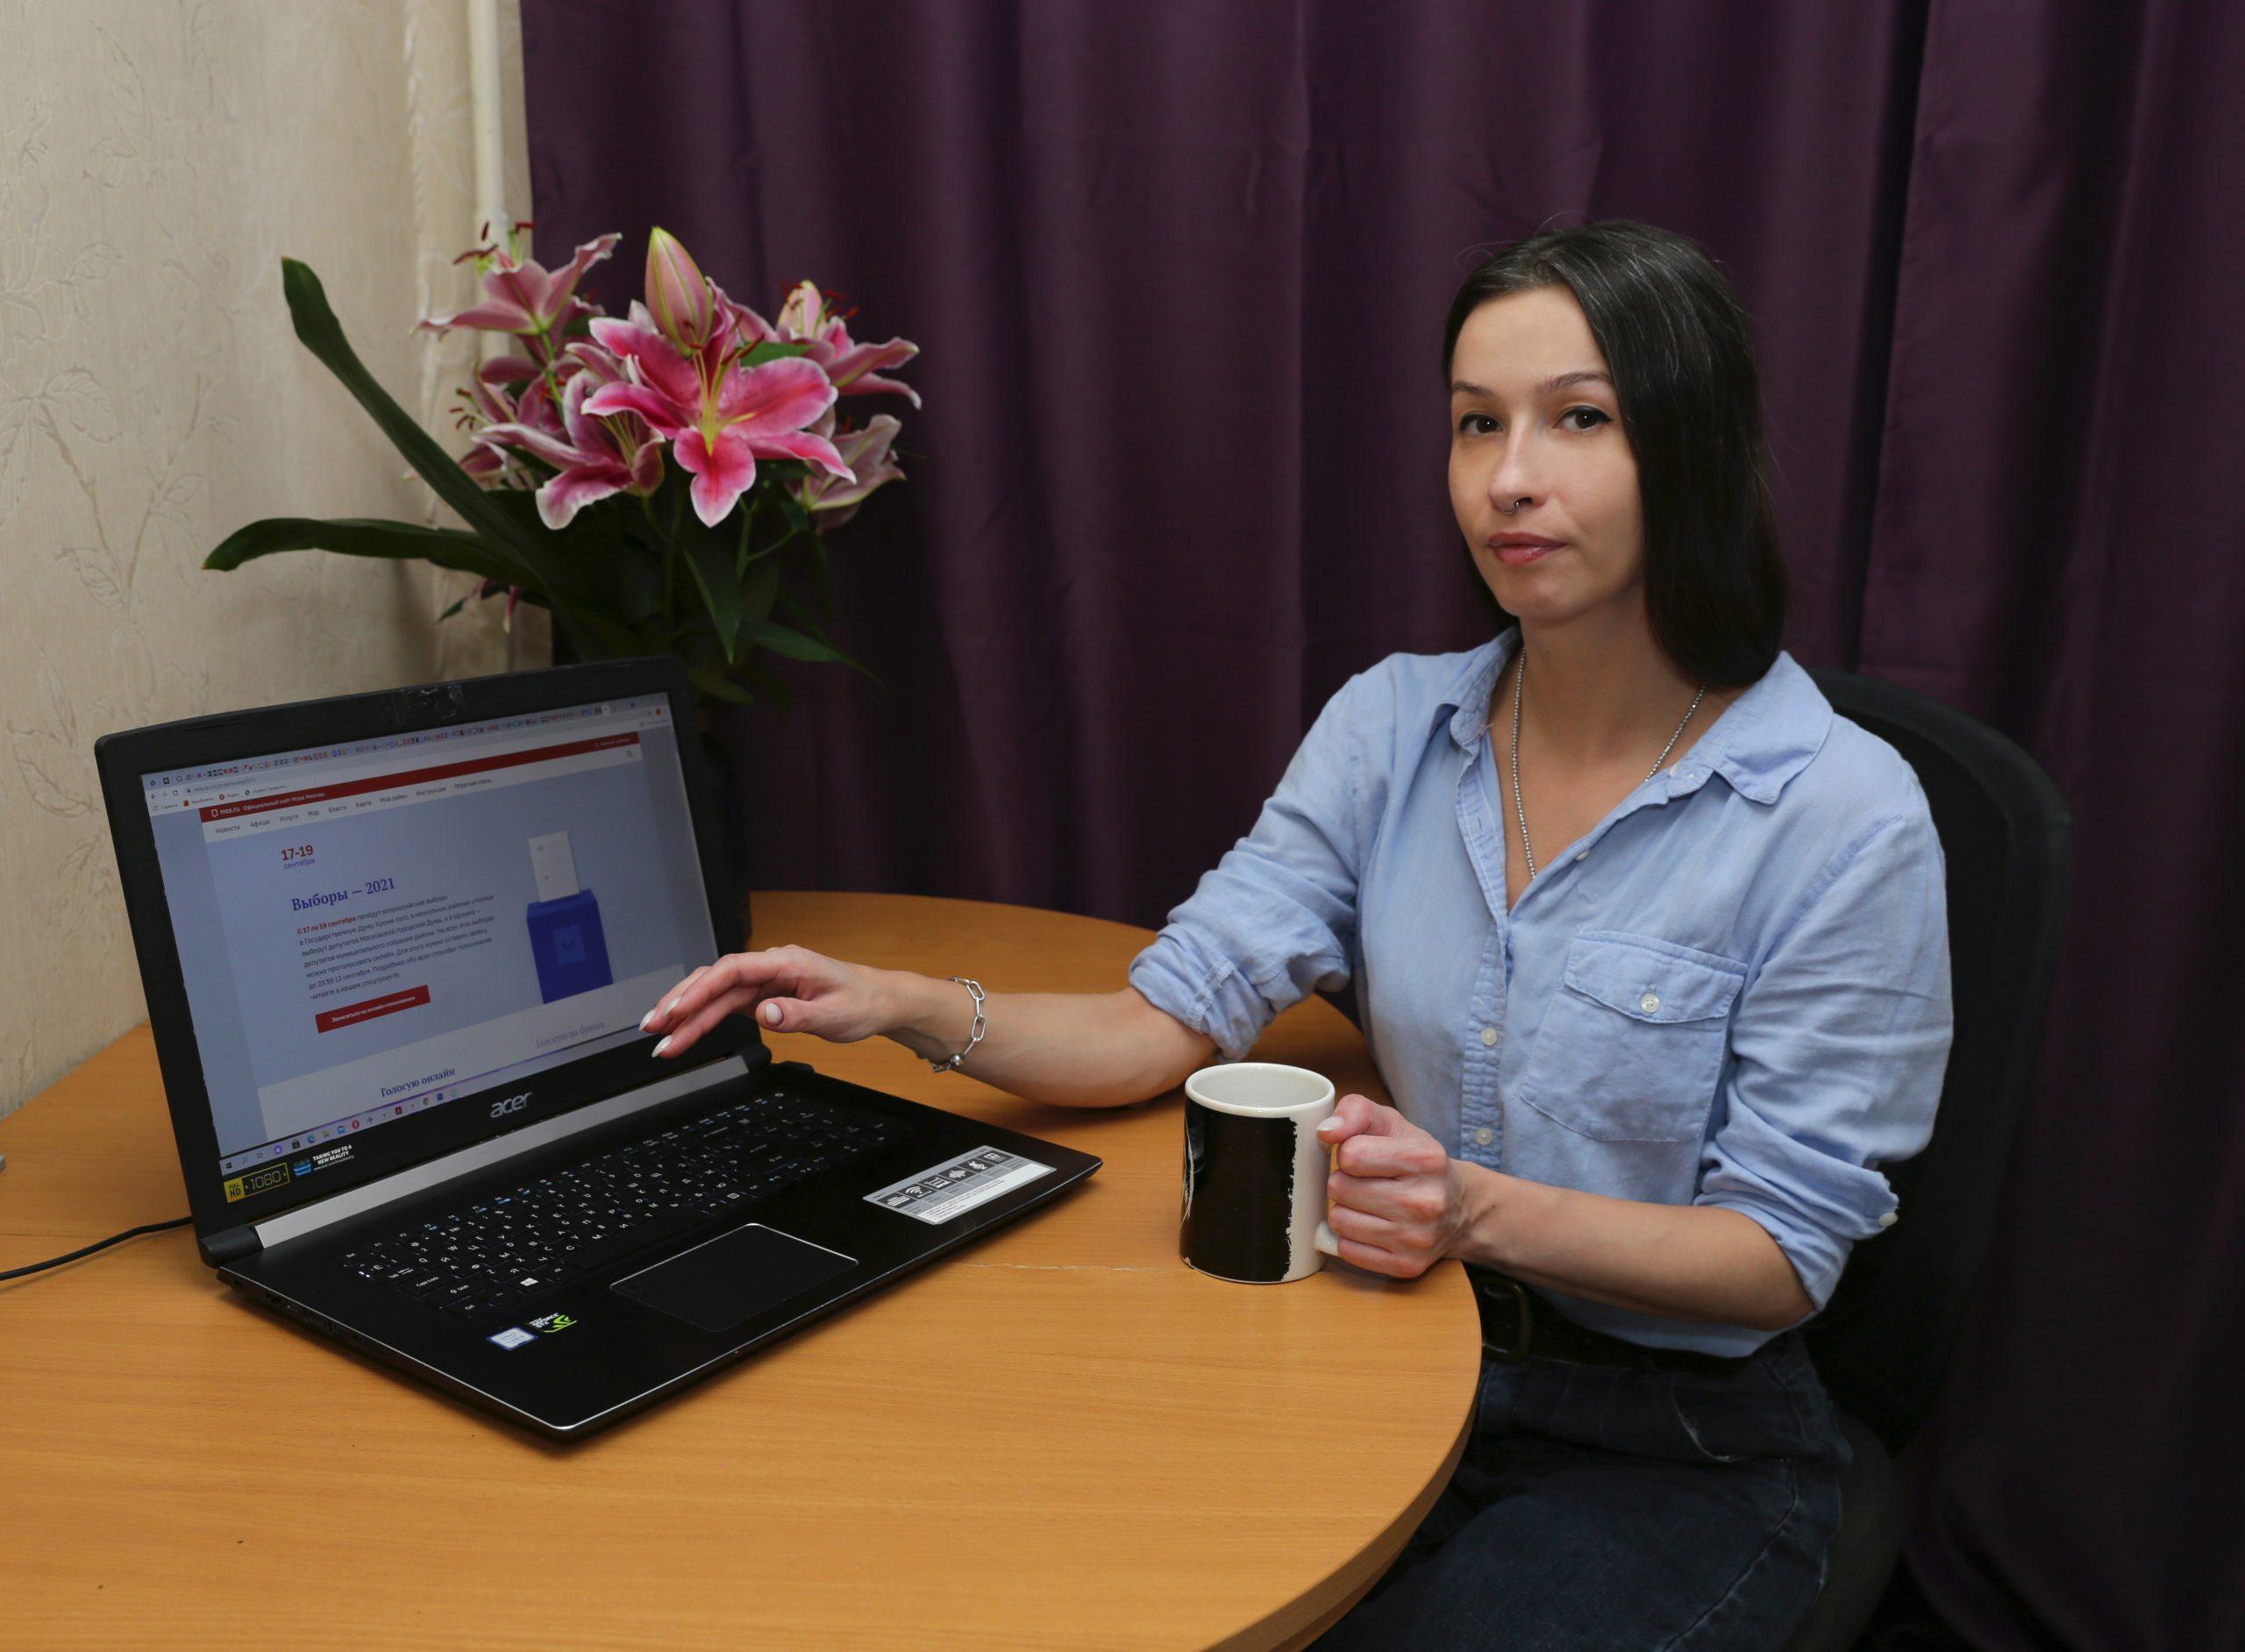 ОП Москвы: Система онлайн-голосования работает стабильно